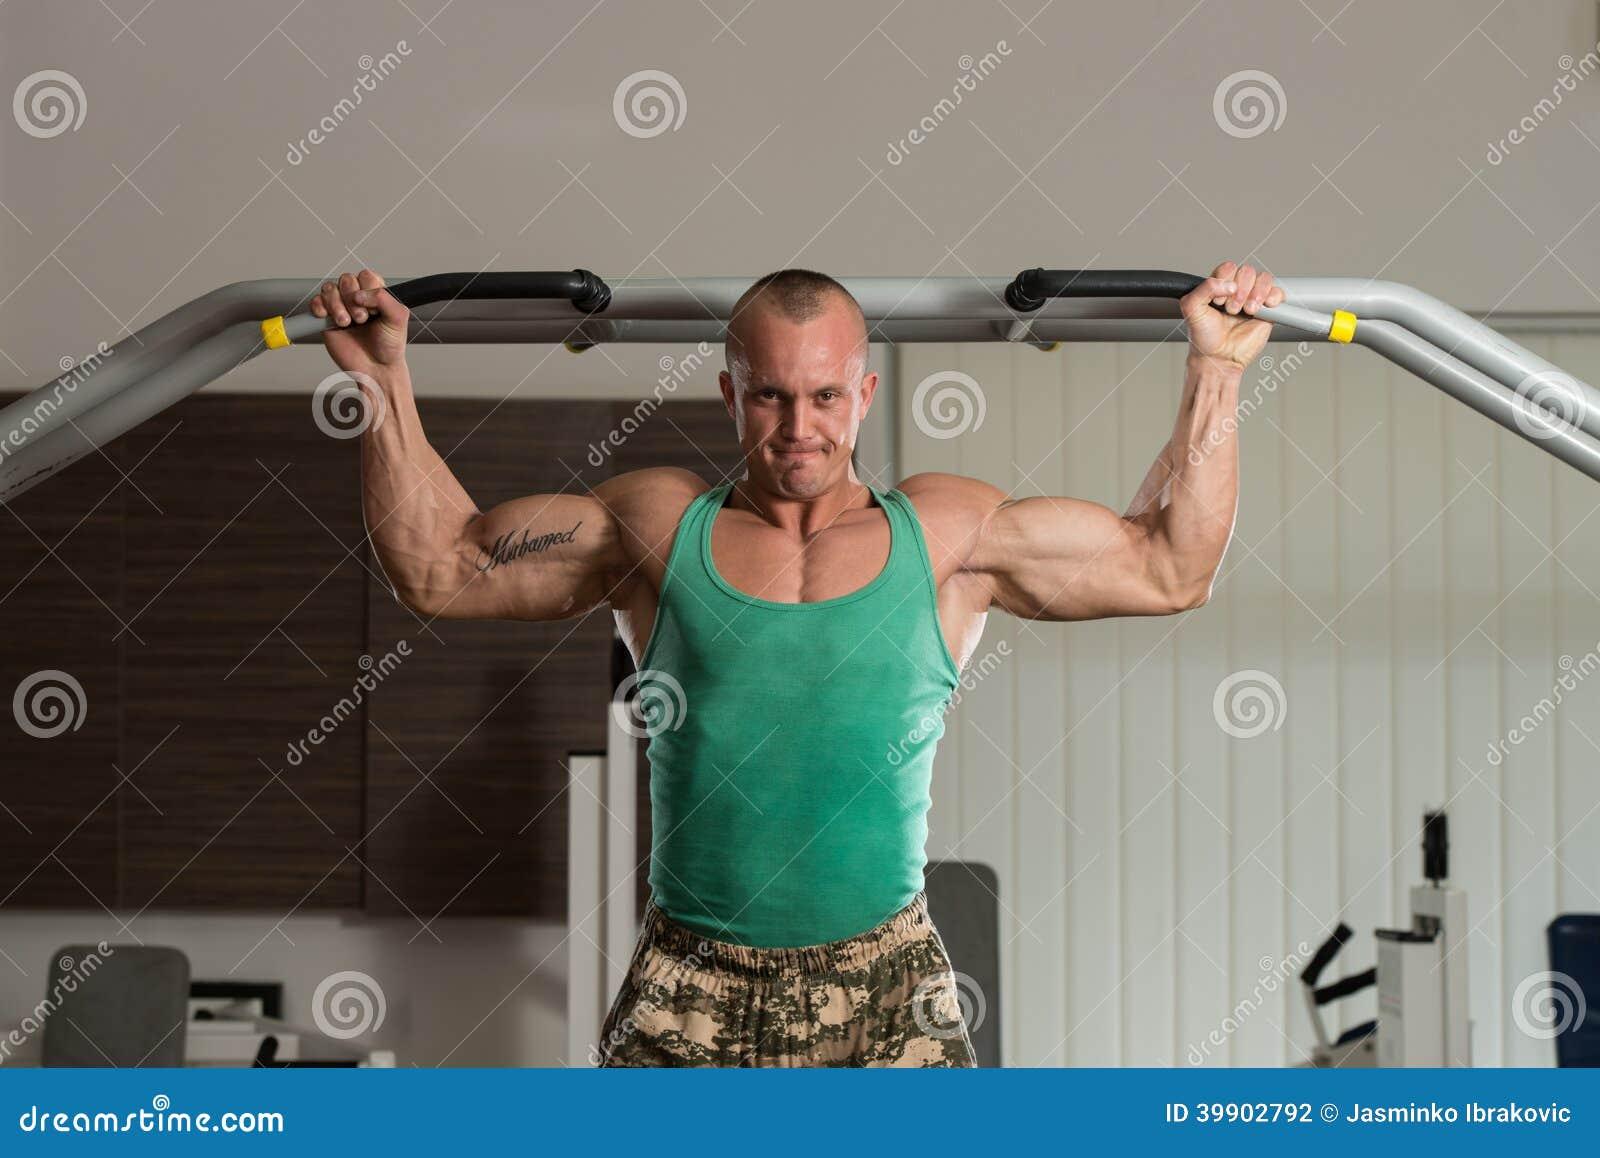 做引体向上最佳的背部锻炼的爱好健美者